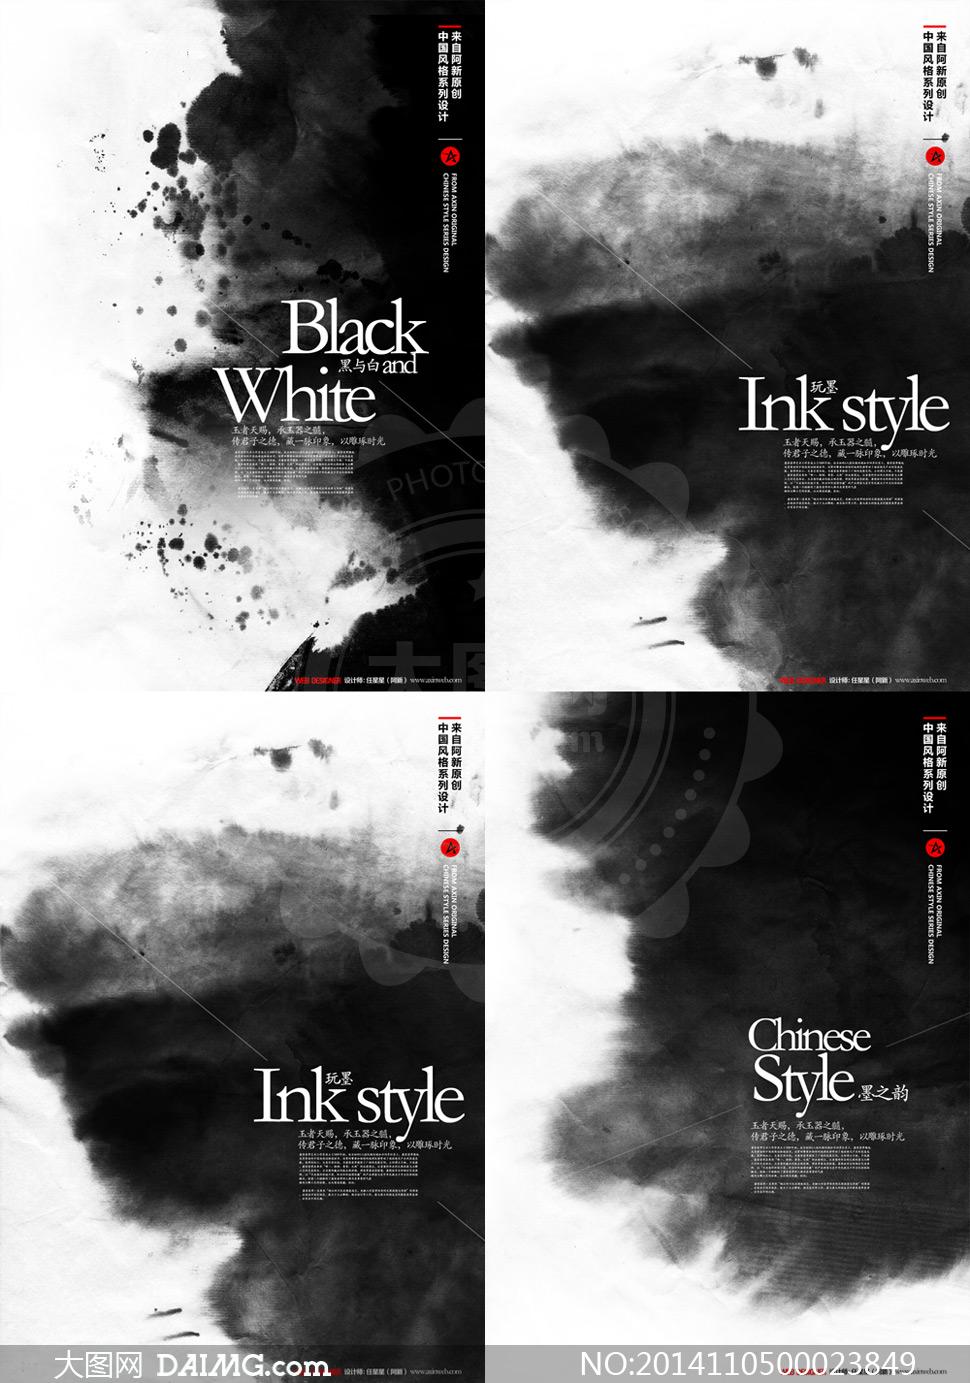 创意海报传统海报古典海报复古背景黑与白王者天赐君子之德psd分层